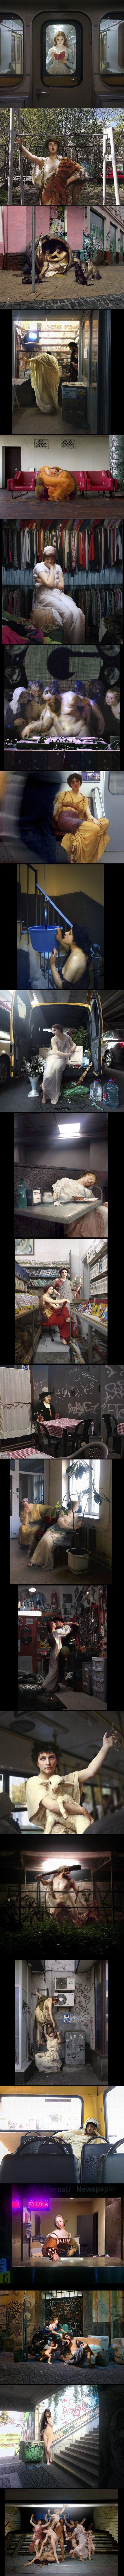 Alexey Kondakov installe des personnages de tableaux classiques dans notre quotidien.